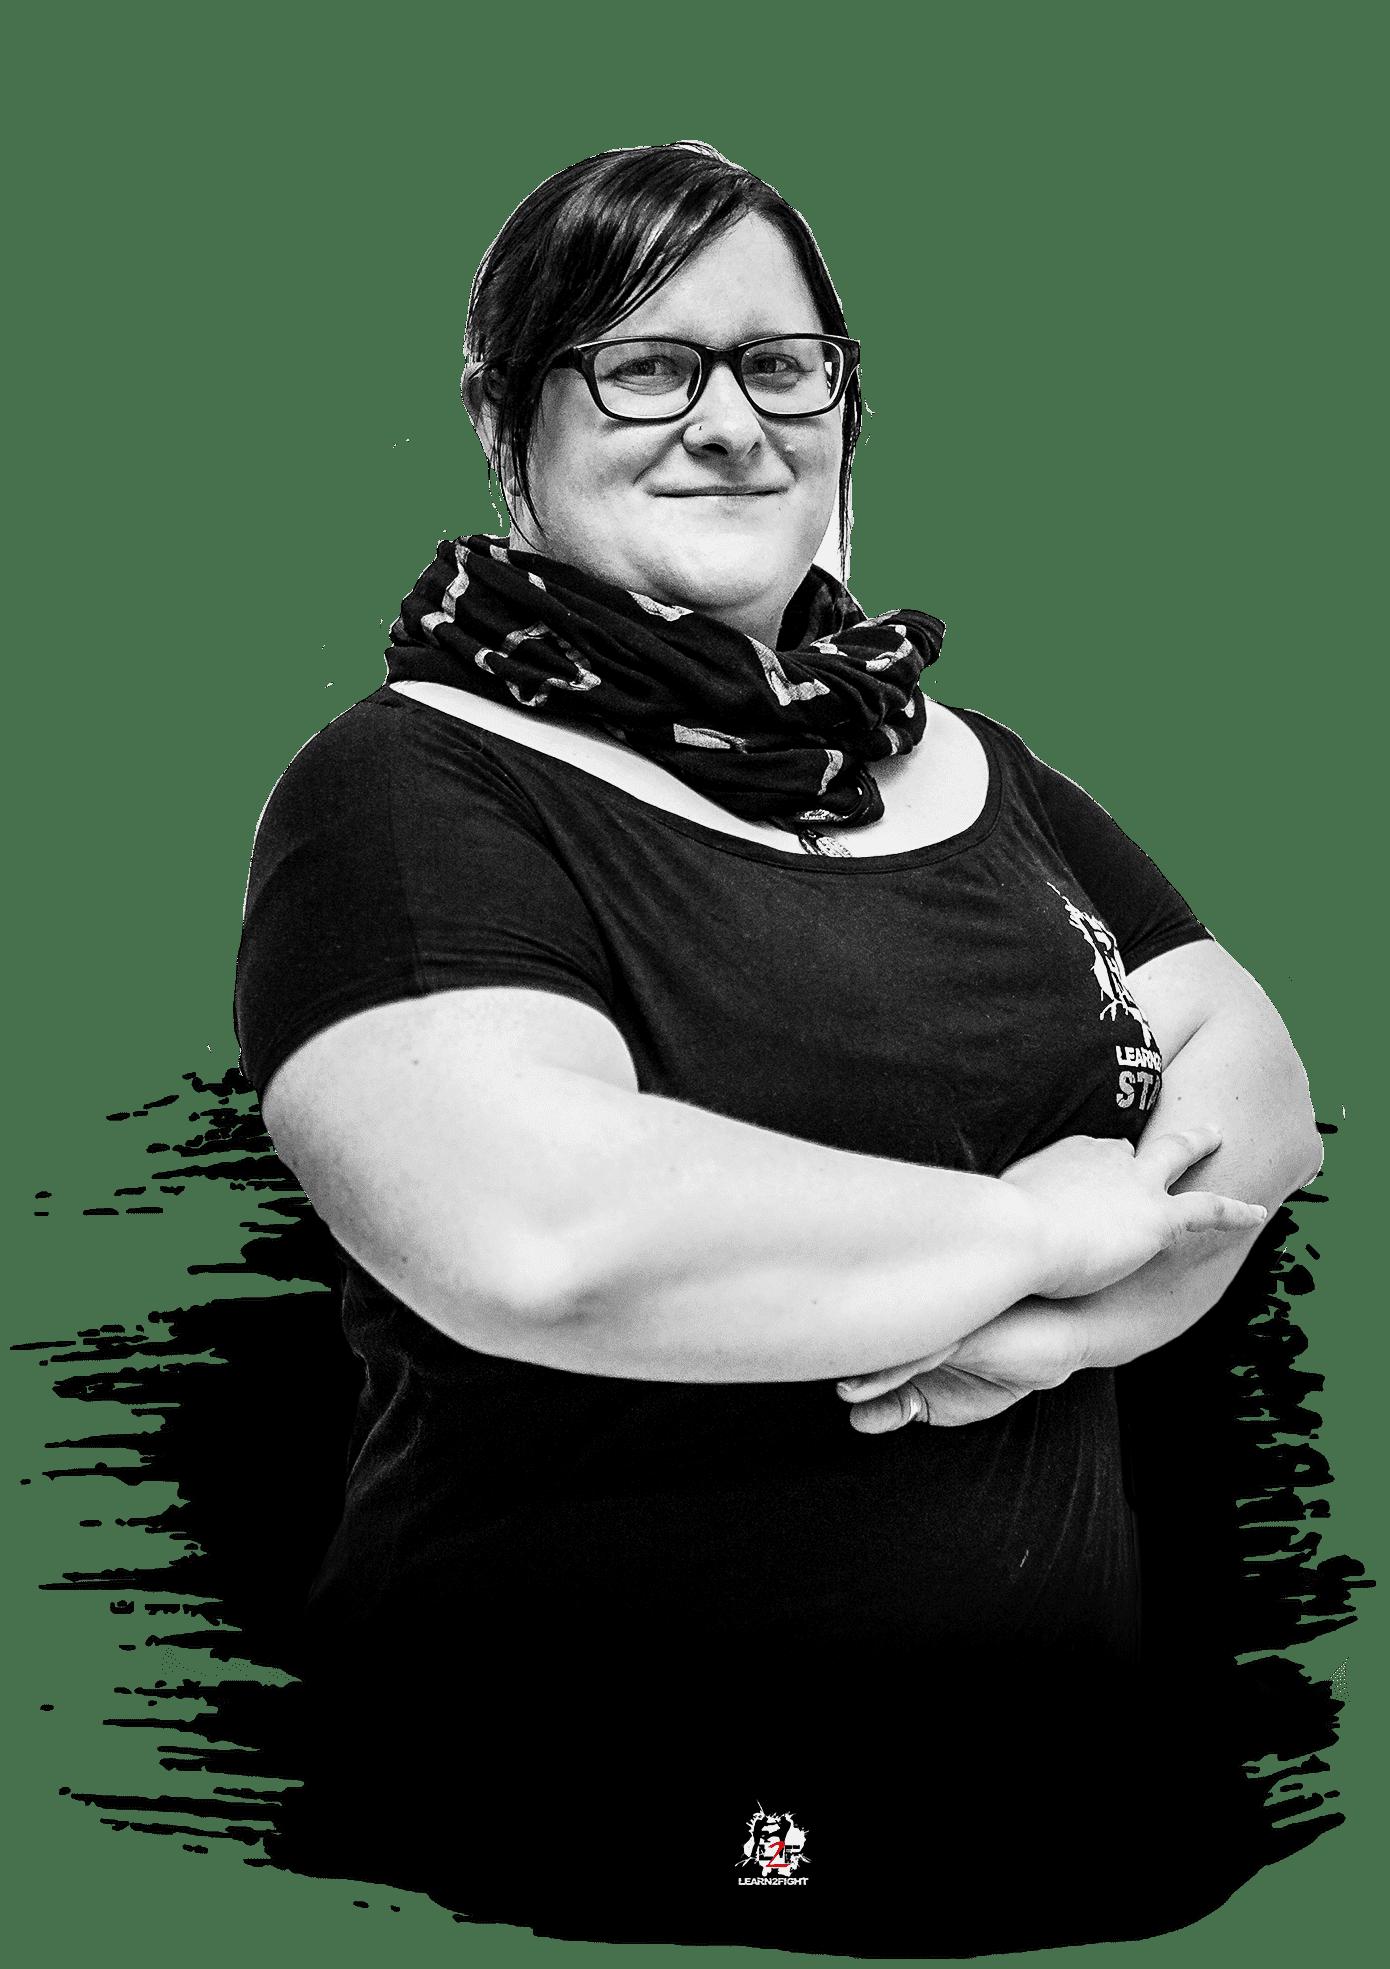 Kerstin Stein